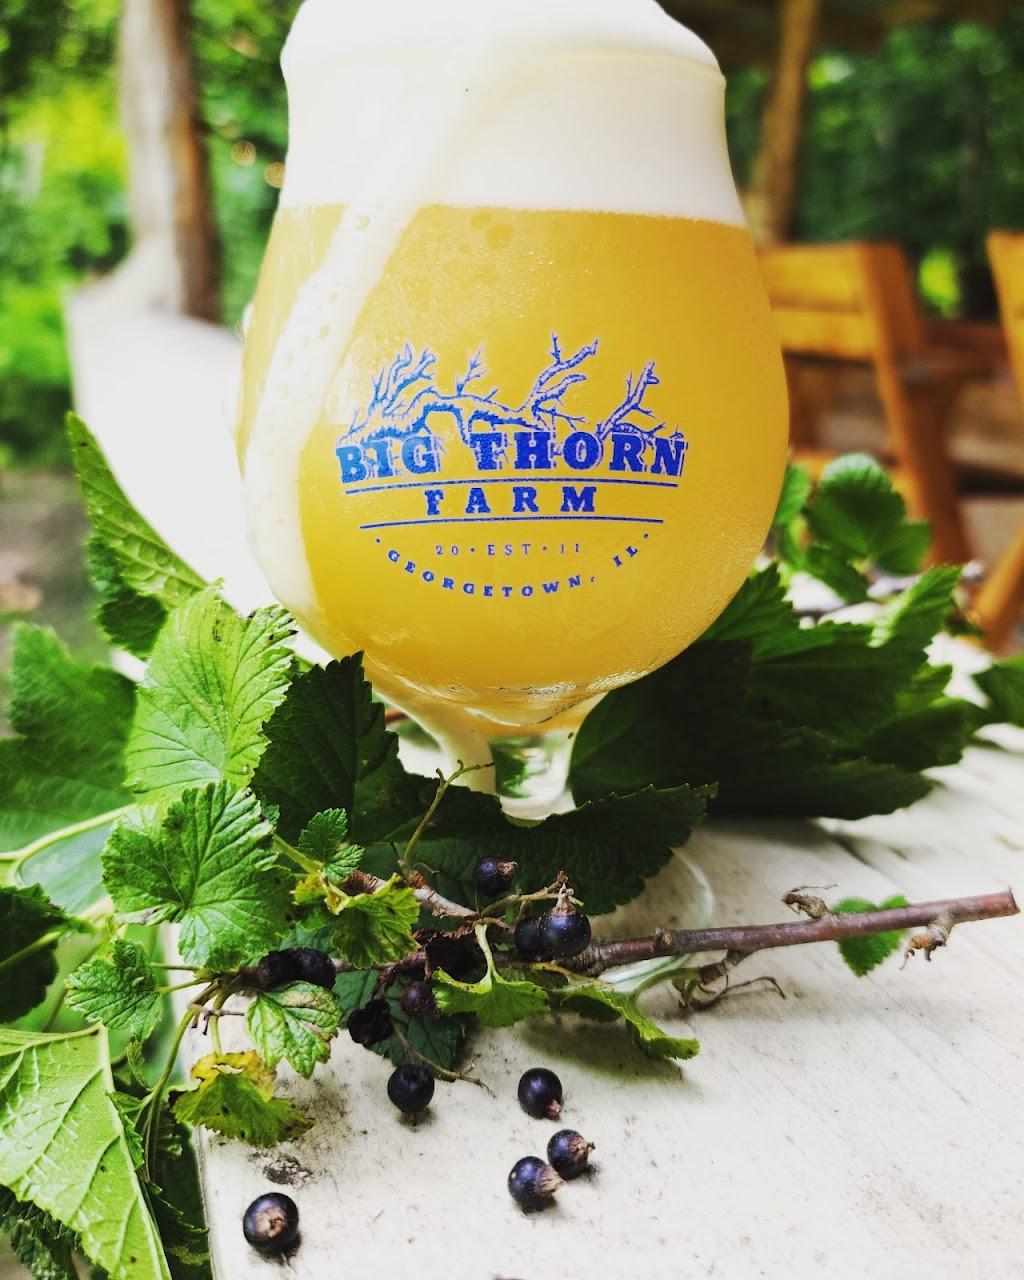 Big Thorn Farm & Brewery   restaurant   14274 600 North Rd, Georgetown, IL 61846, USA   2175970156 OR +1 217-597-0156